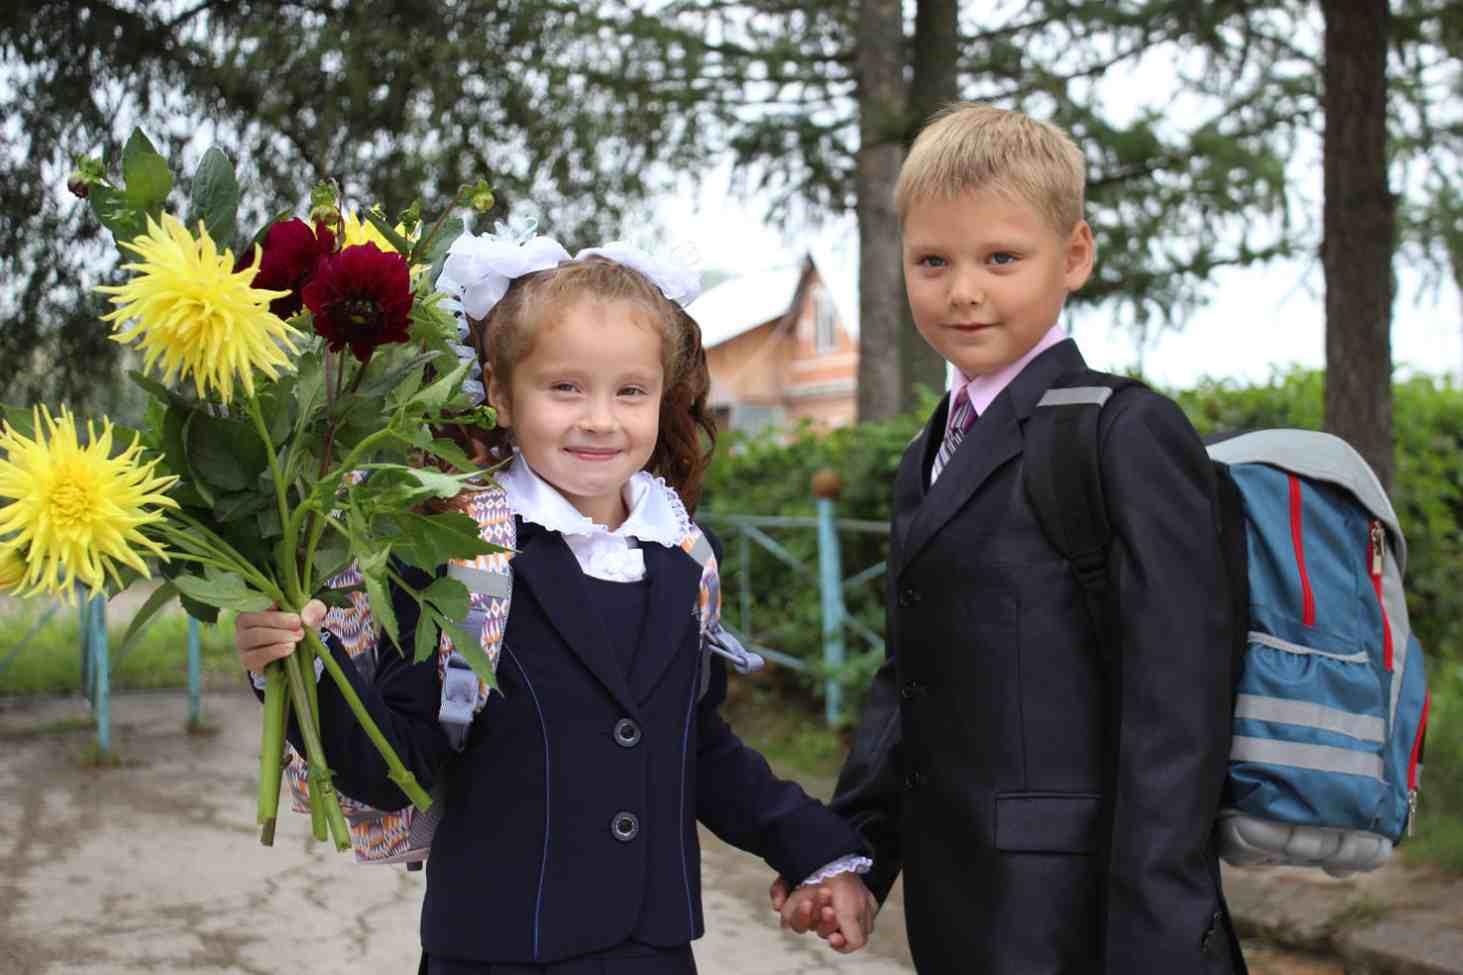 kravtsov-traditsionnyh-lineek-1-sentyabrya-ne-budet